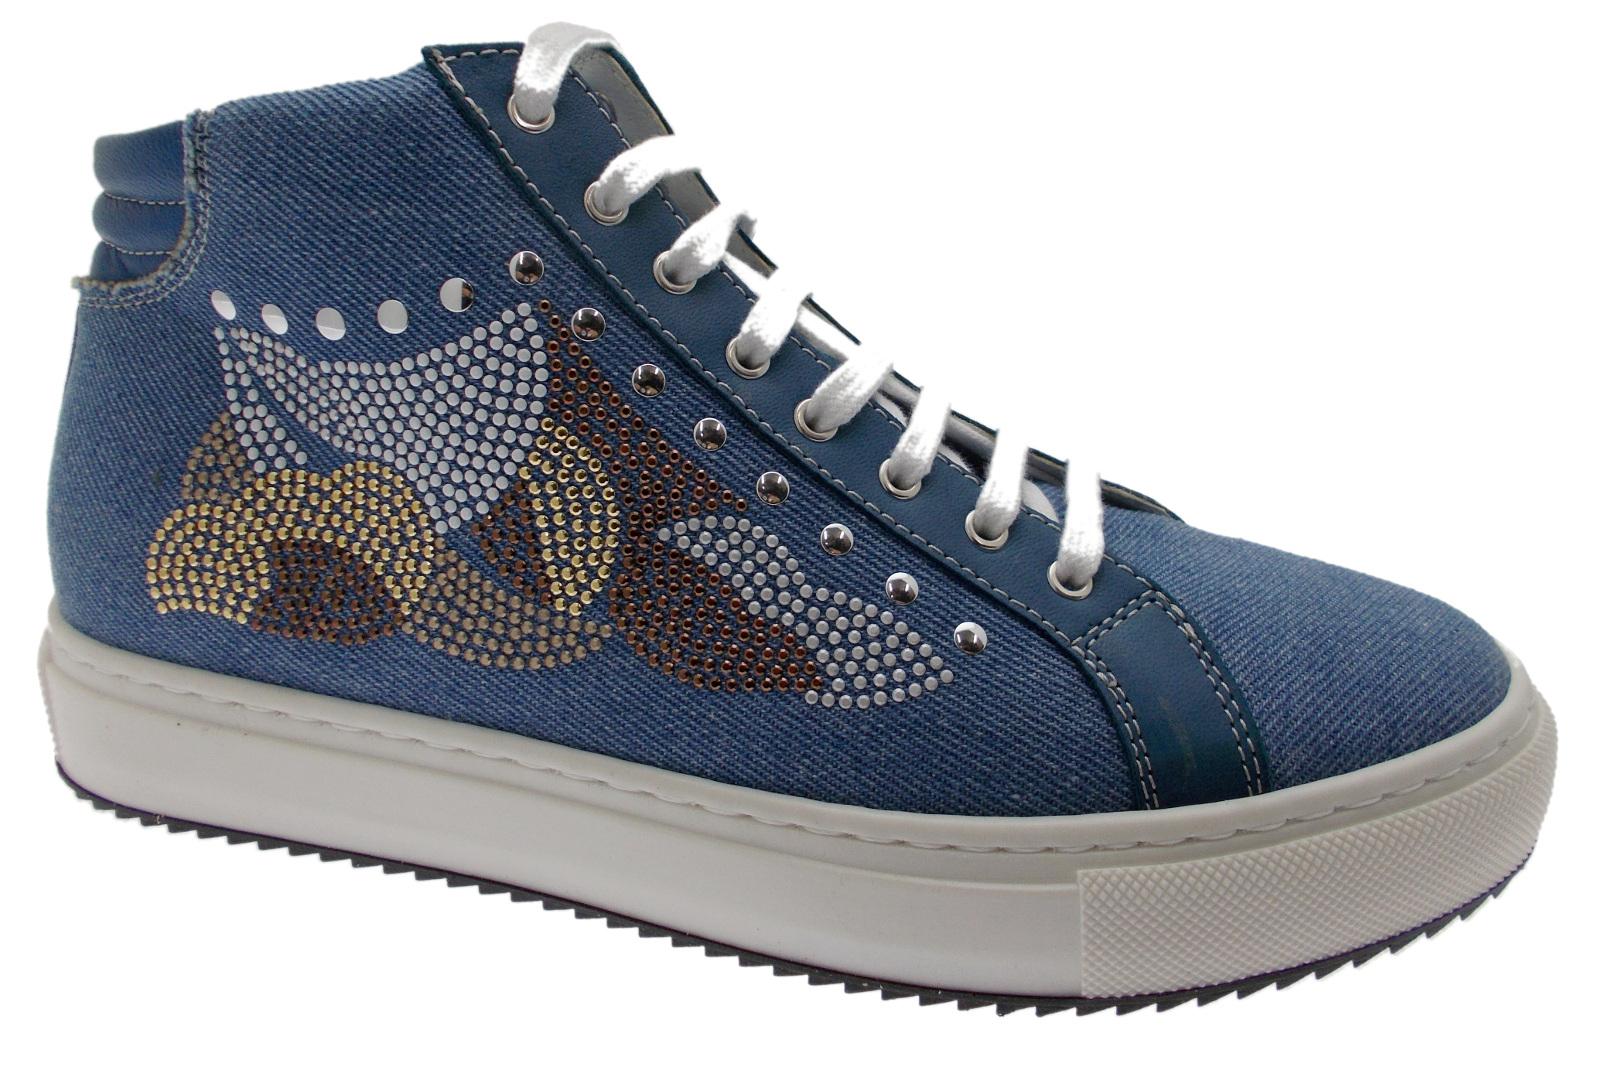 C3780 Zapato Ortopédico Ortopédico Ortopédico Plantillas Zapatilla De Deporte Mujer Jeans Loren  alta calidad y envío rápido